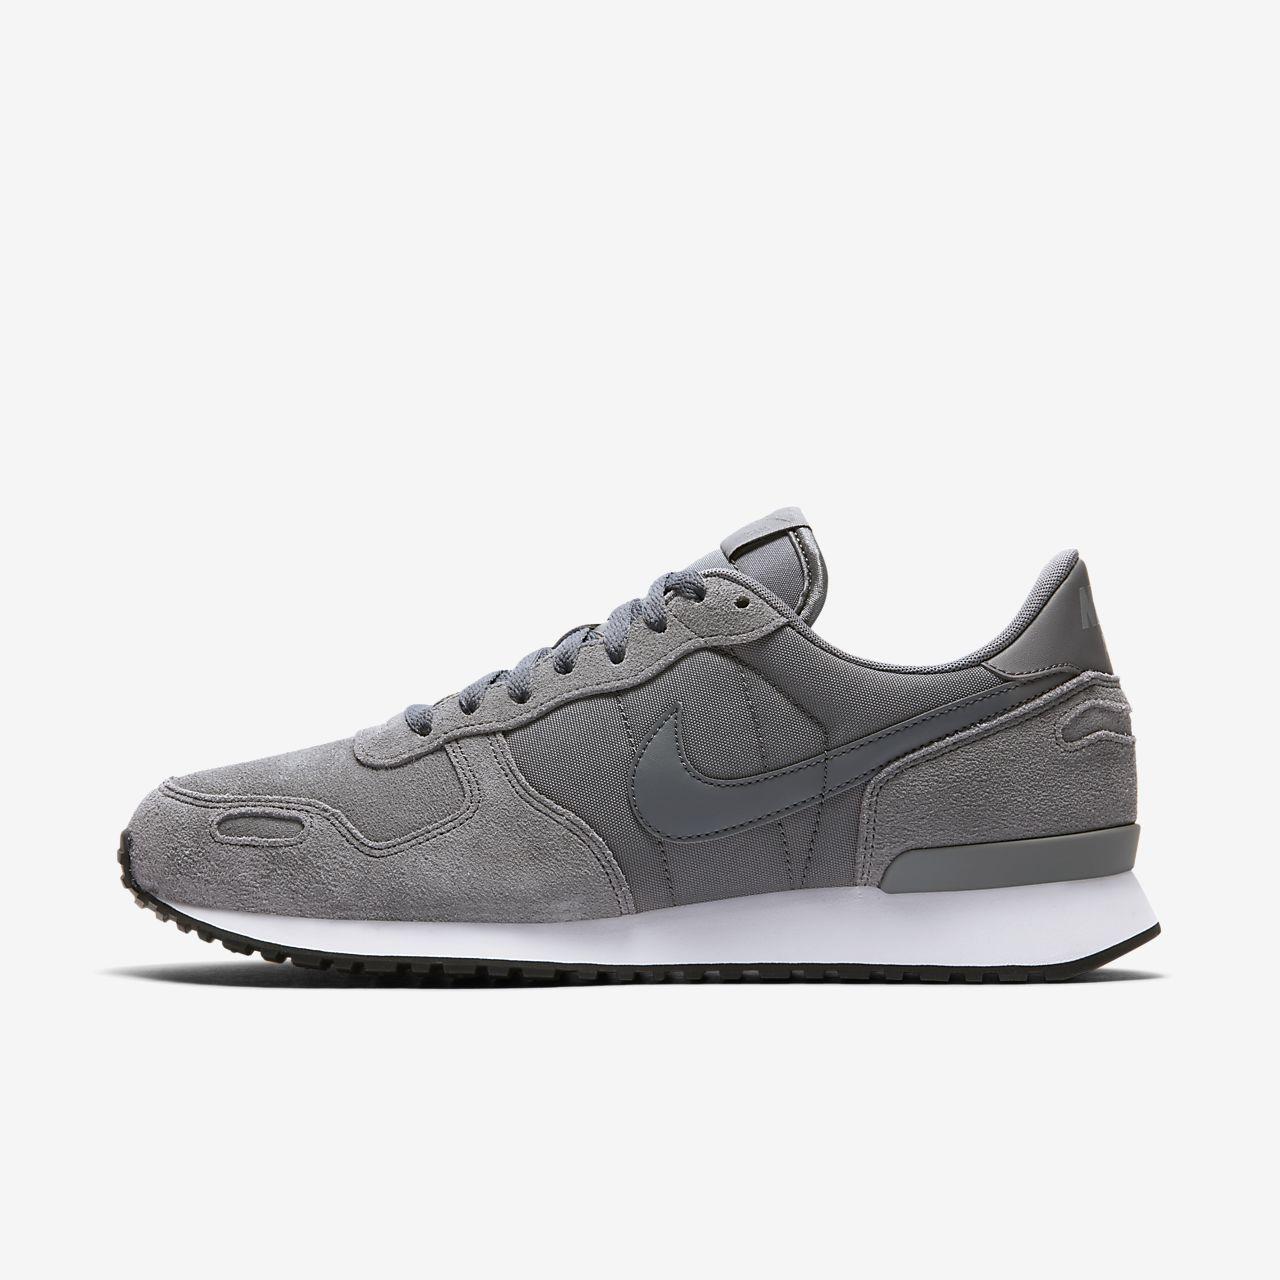 huge selection of 1cafa 44352 ... Sko Nike Air Vortex för män